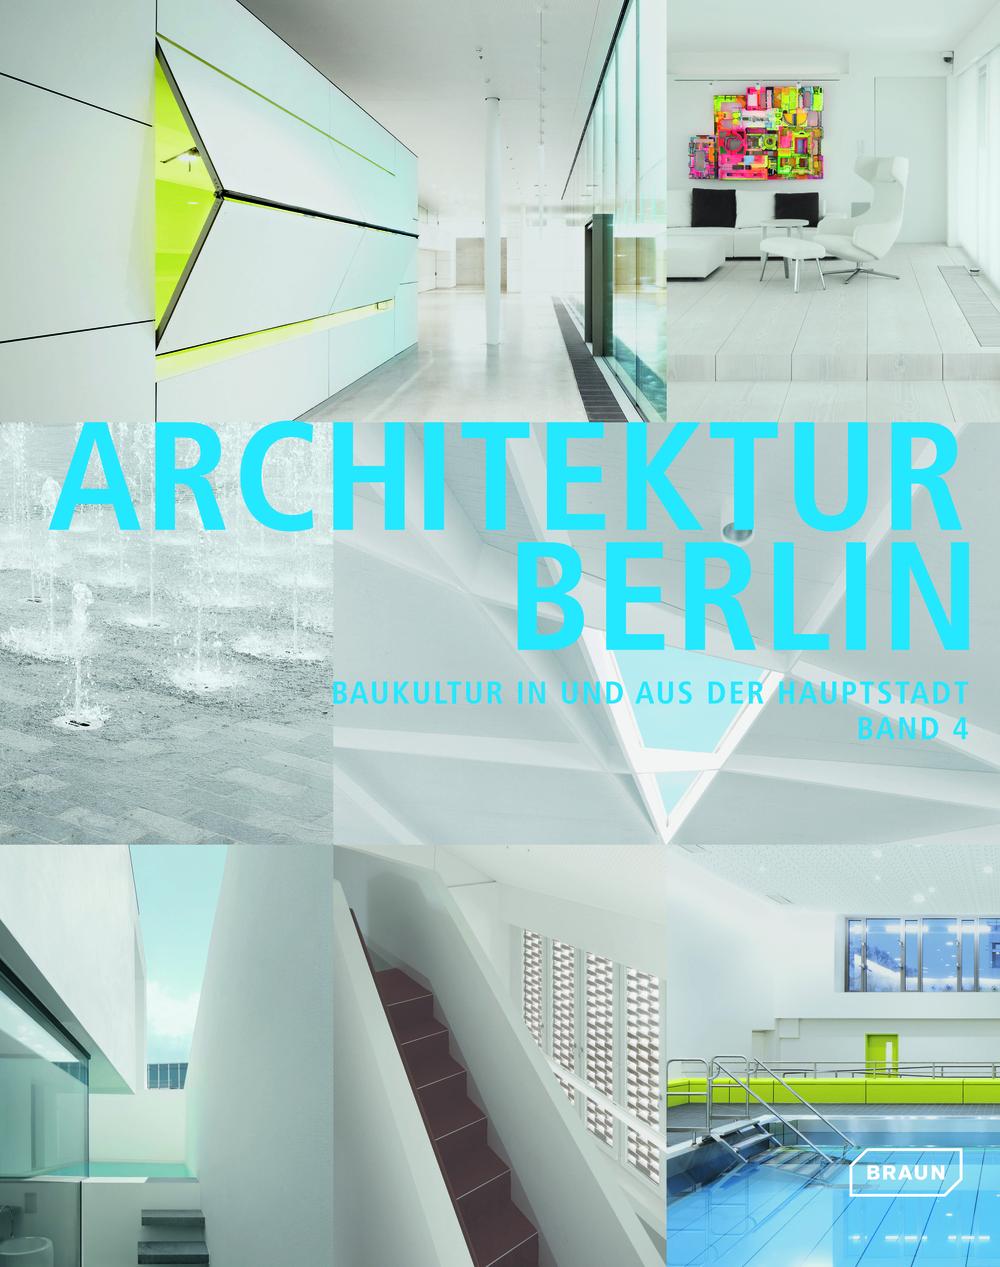 ARCHITEKTUR BERLIN BAND 4 –Baukultur in und aus der Hauptstadt